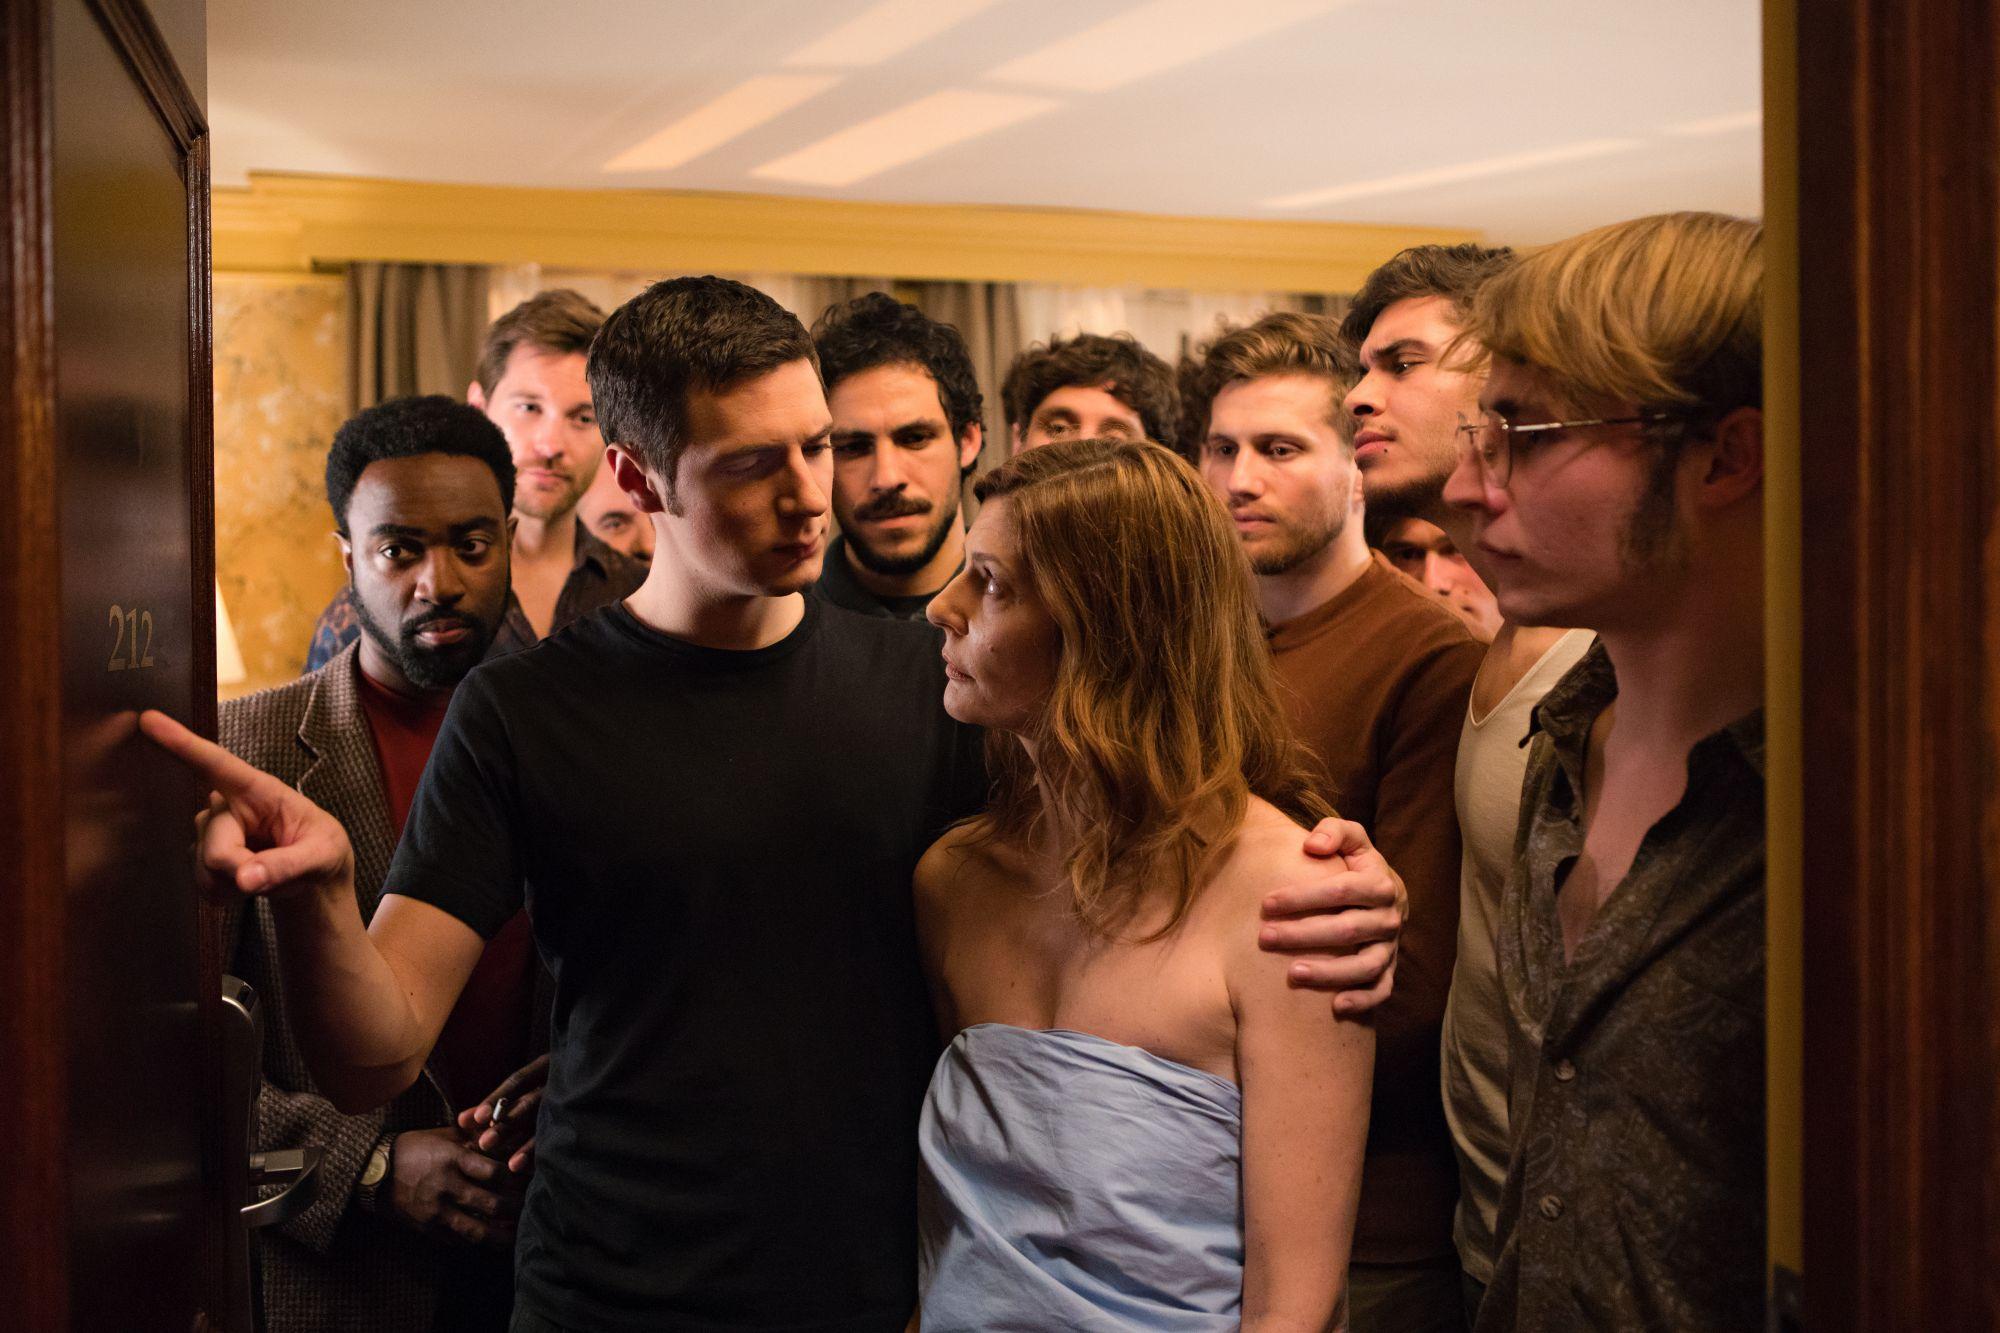 Новый французский фильм «Одной волшебной ночью» с Кьяой Мастрояни и Кароль Буке выйдет на экраны